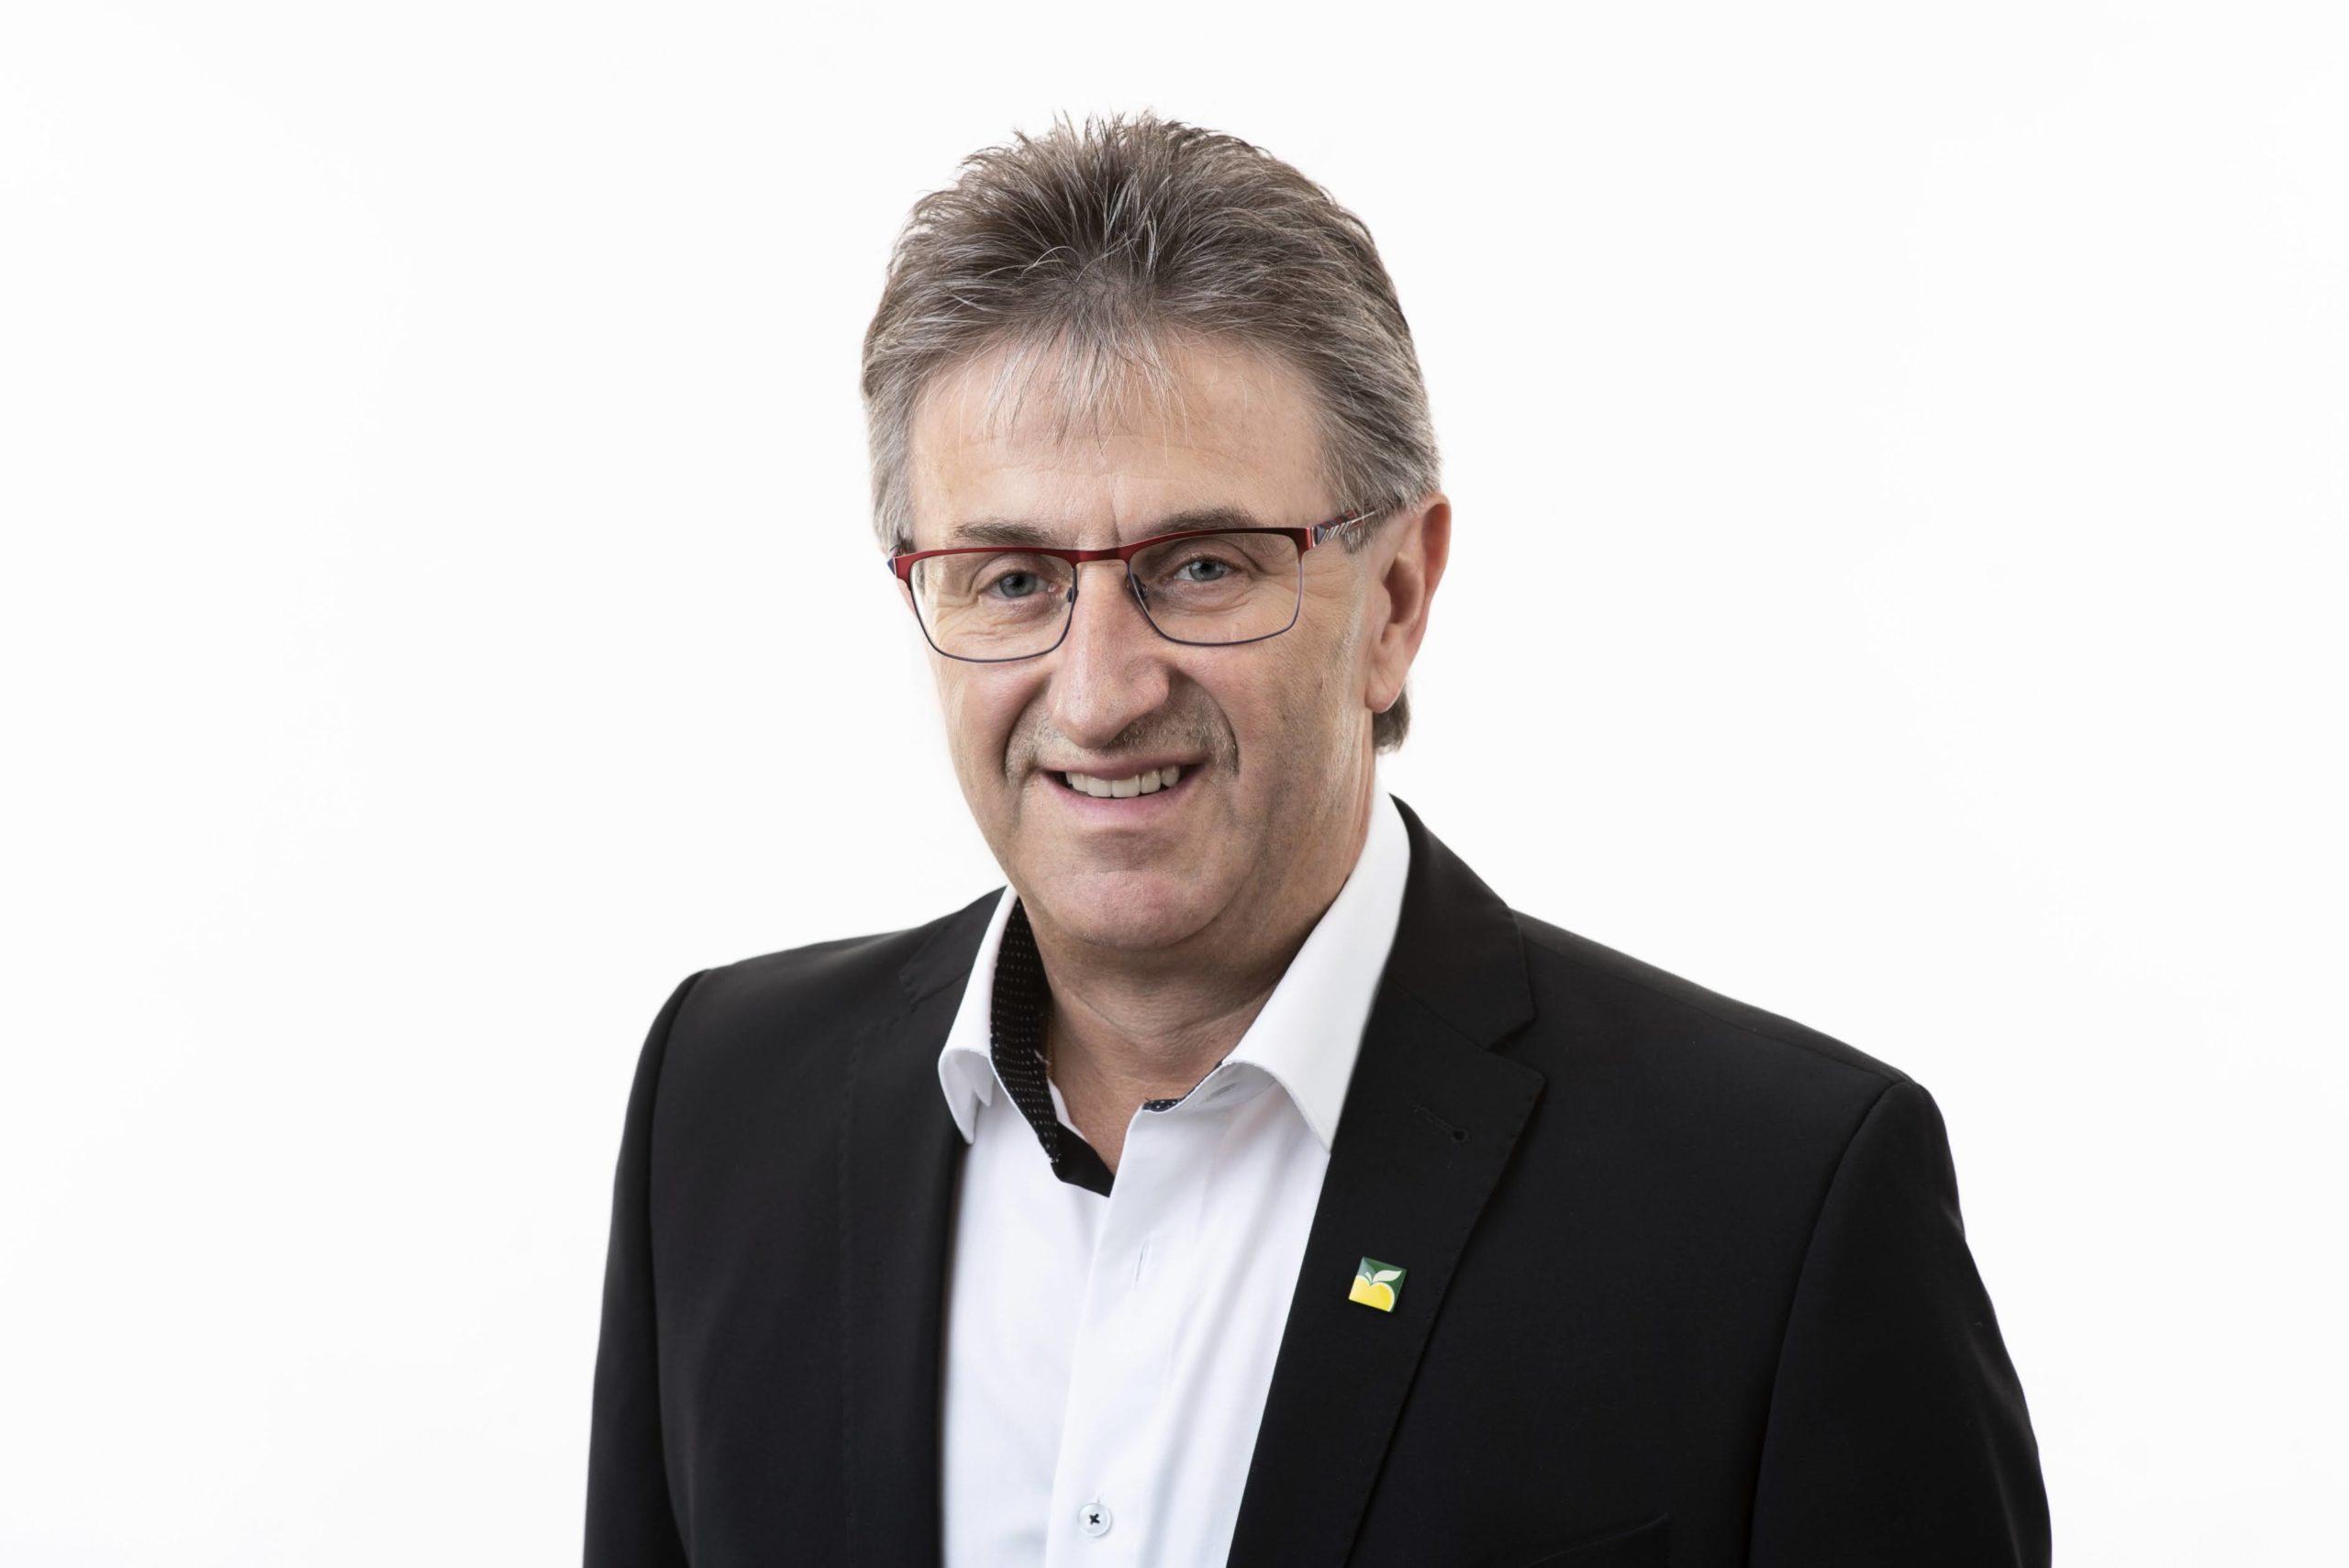 Manfred Hohensinner